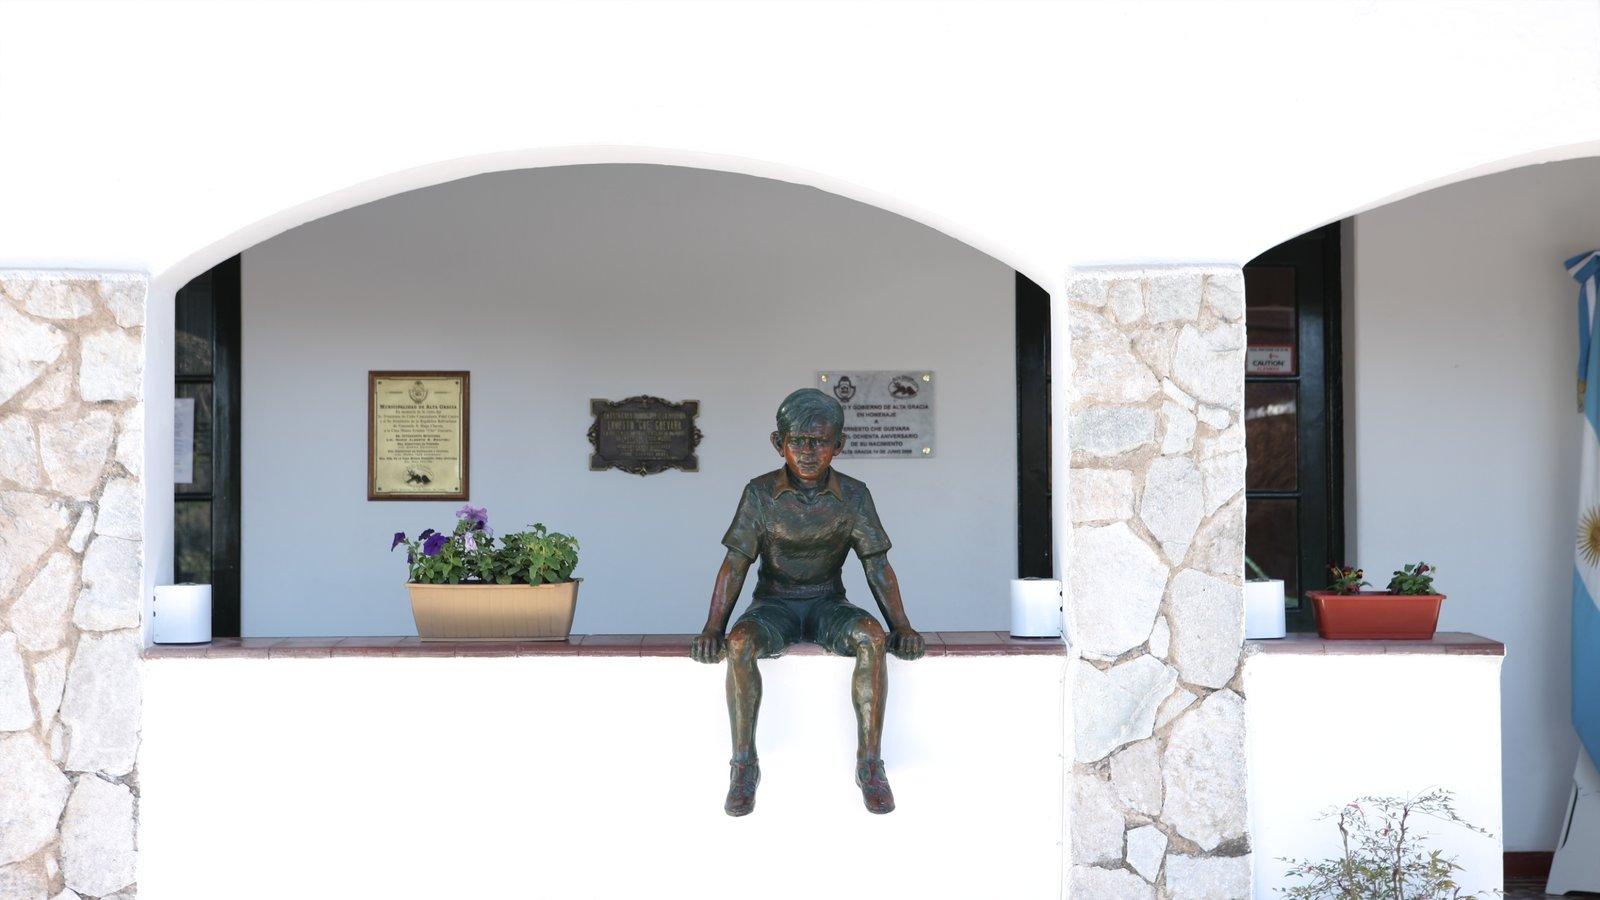 Cordoba caracterizando uma estátua ou escultura